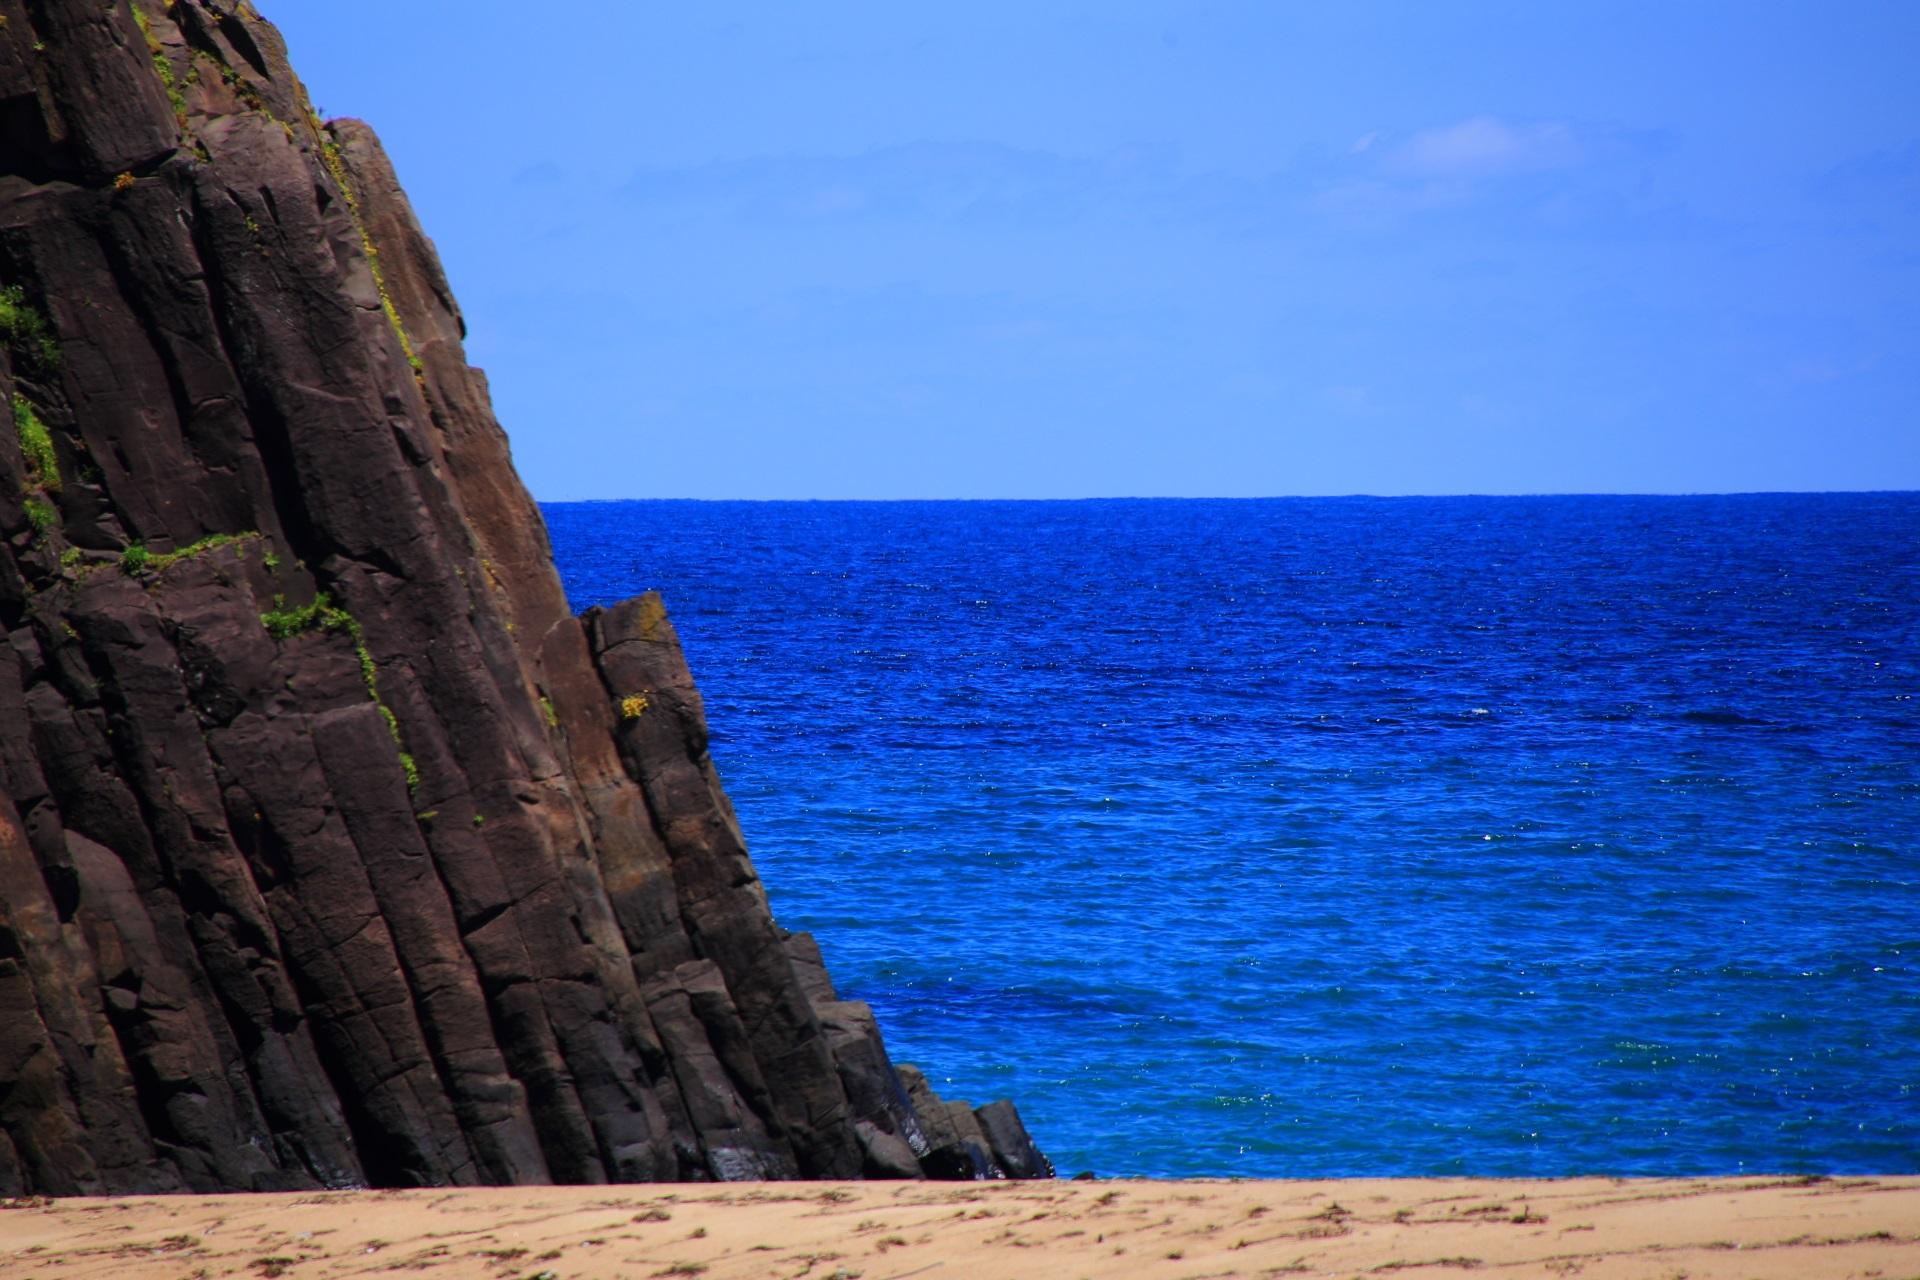 荘厳な岩と青い海のある京丹後の後ヶ浜(のちがはま)